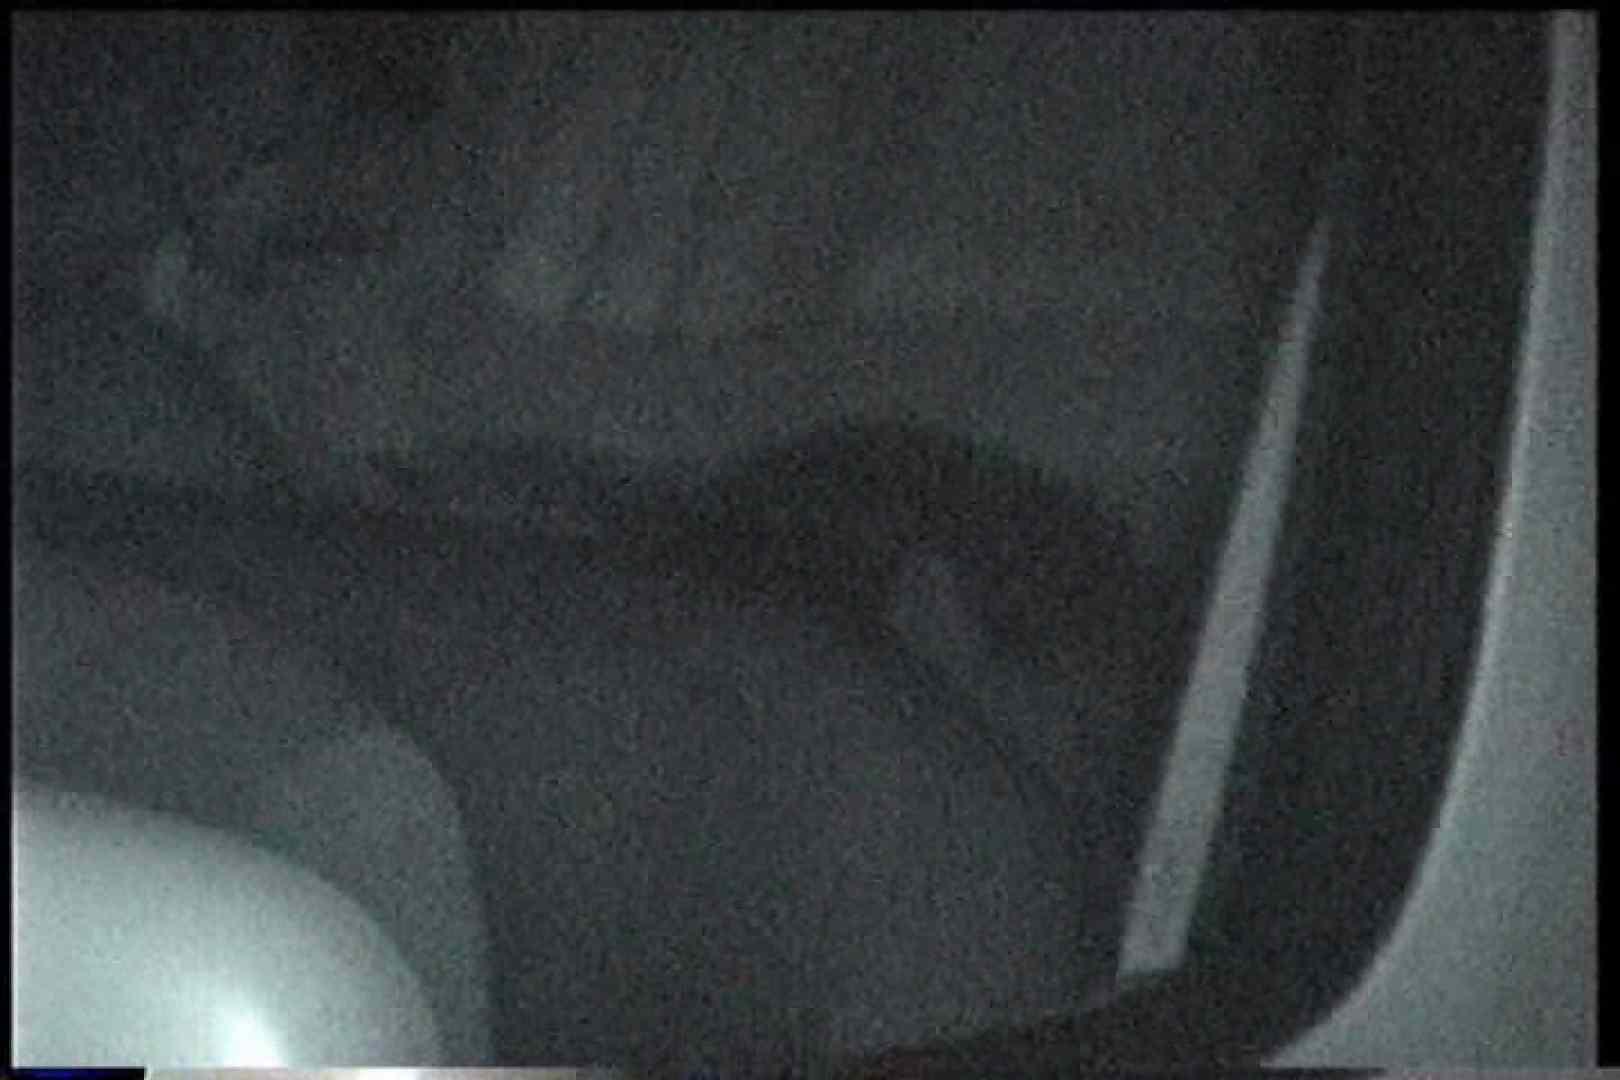 充血監督の深夜の運動会Vol.177 前編 エロティックなOL   カップル盗撮  88画像 41